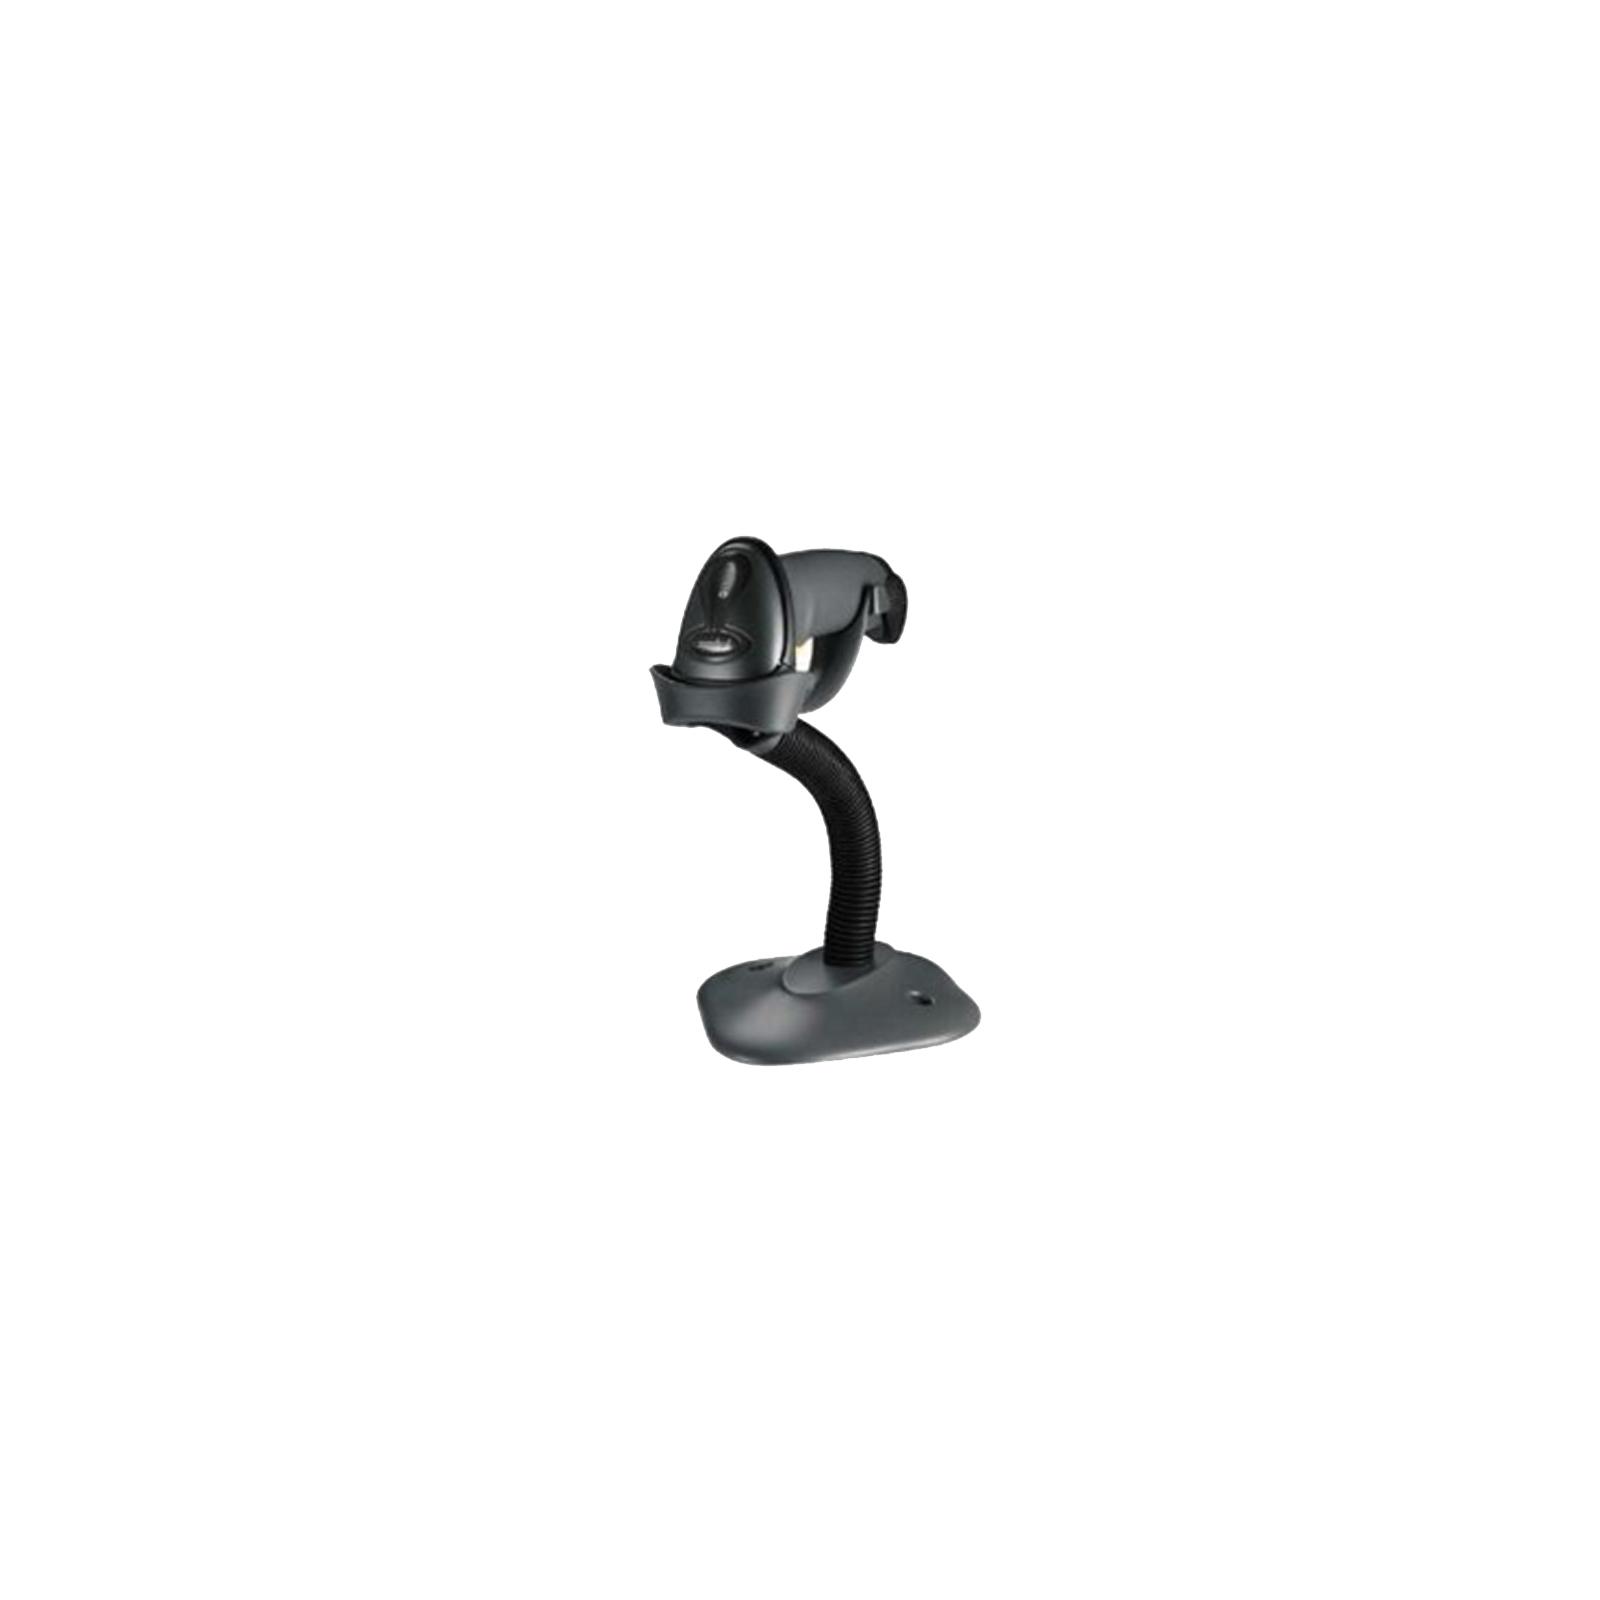 Сканер штрих-кода LS2208 USB Symbol/Zebra (LS2208-SR20007R-UR) изображение 6